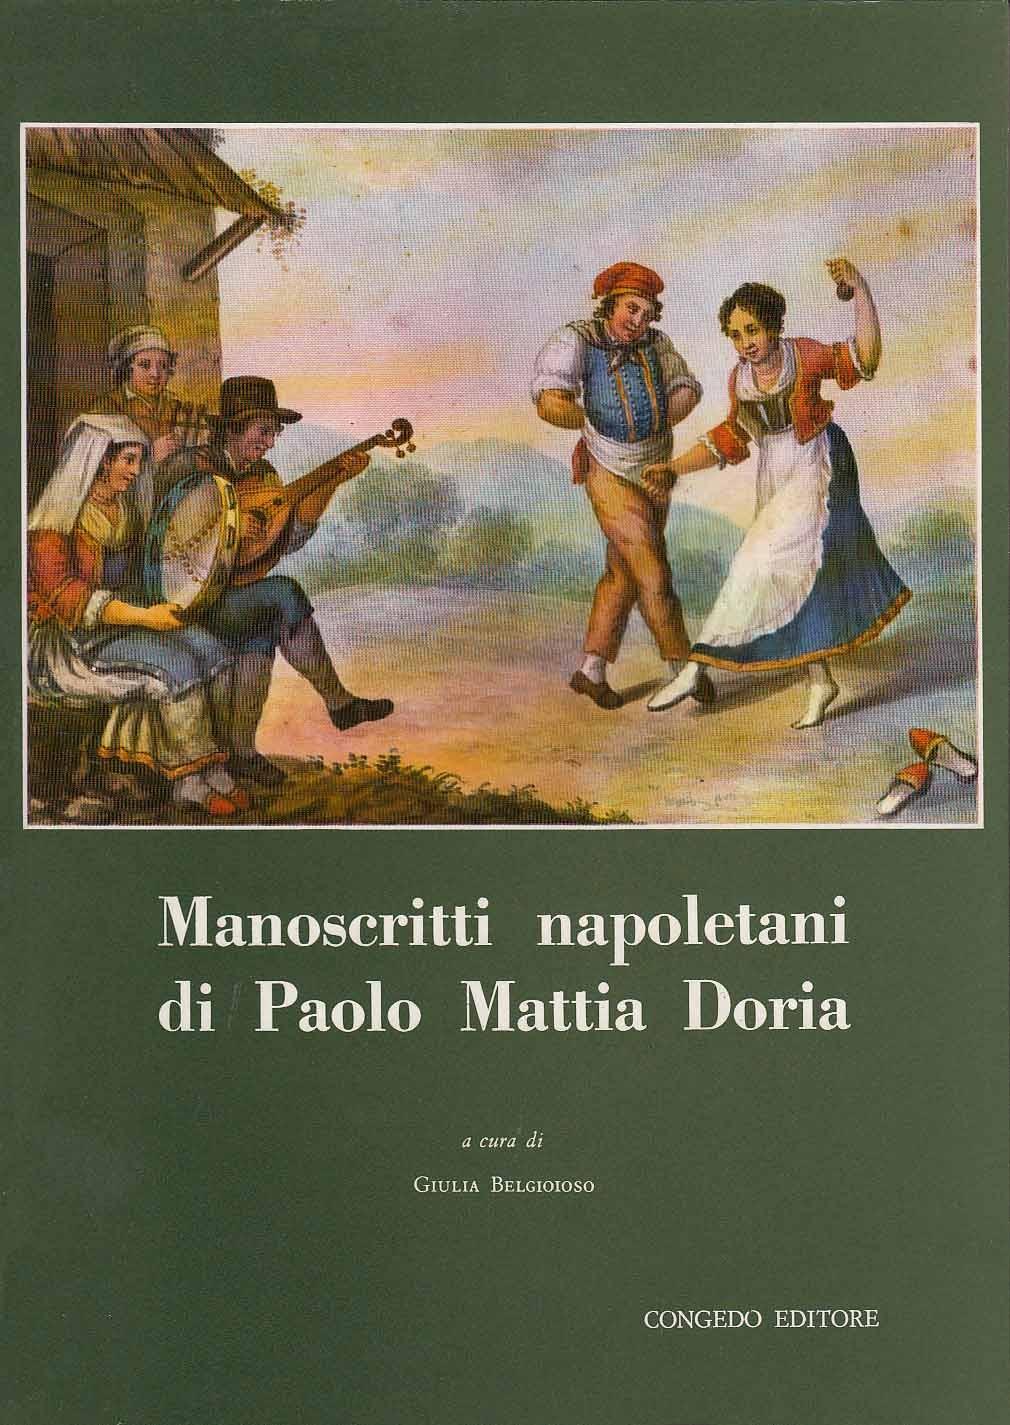 Manoscritti napoletani di Paolo Mattia Doria (5 volumi)